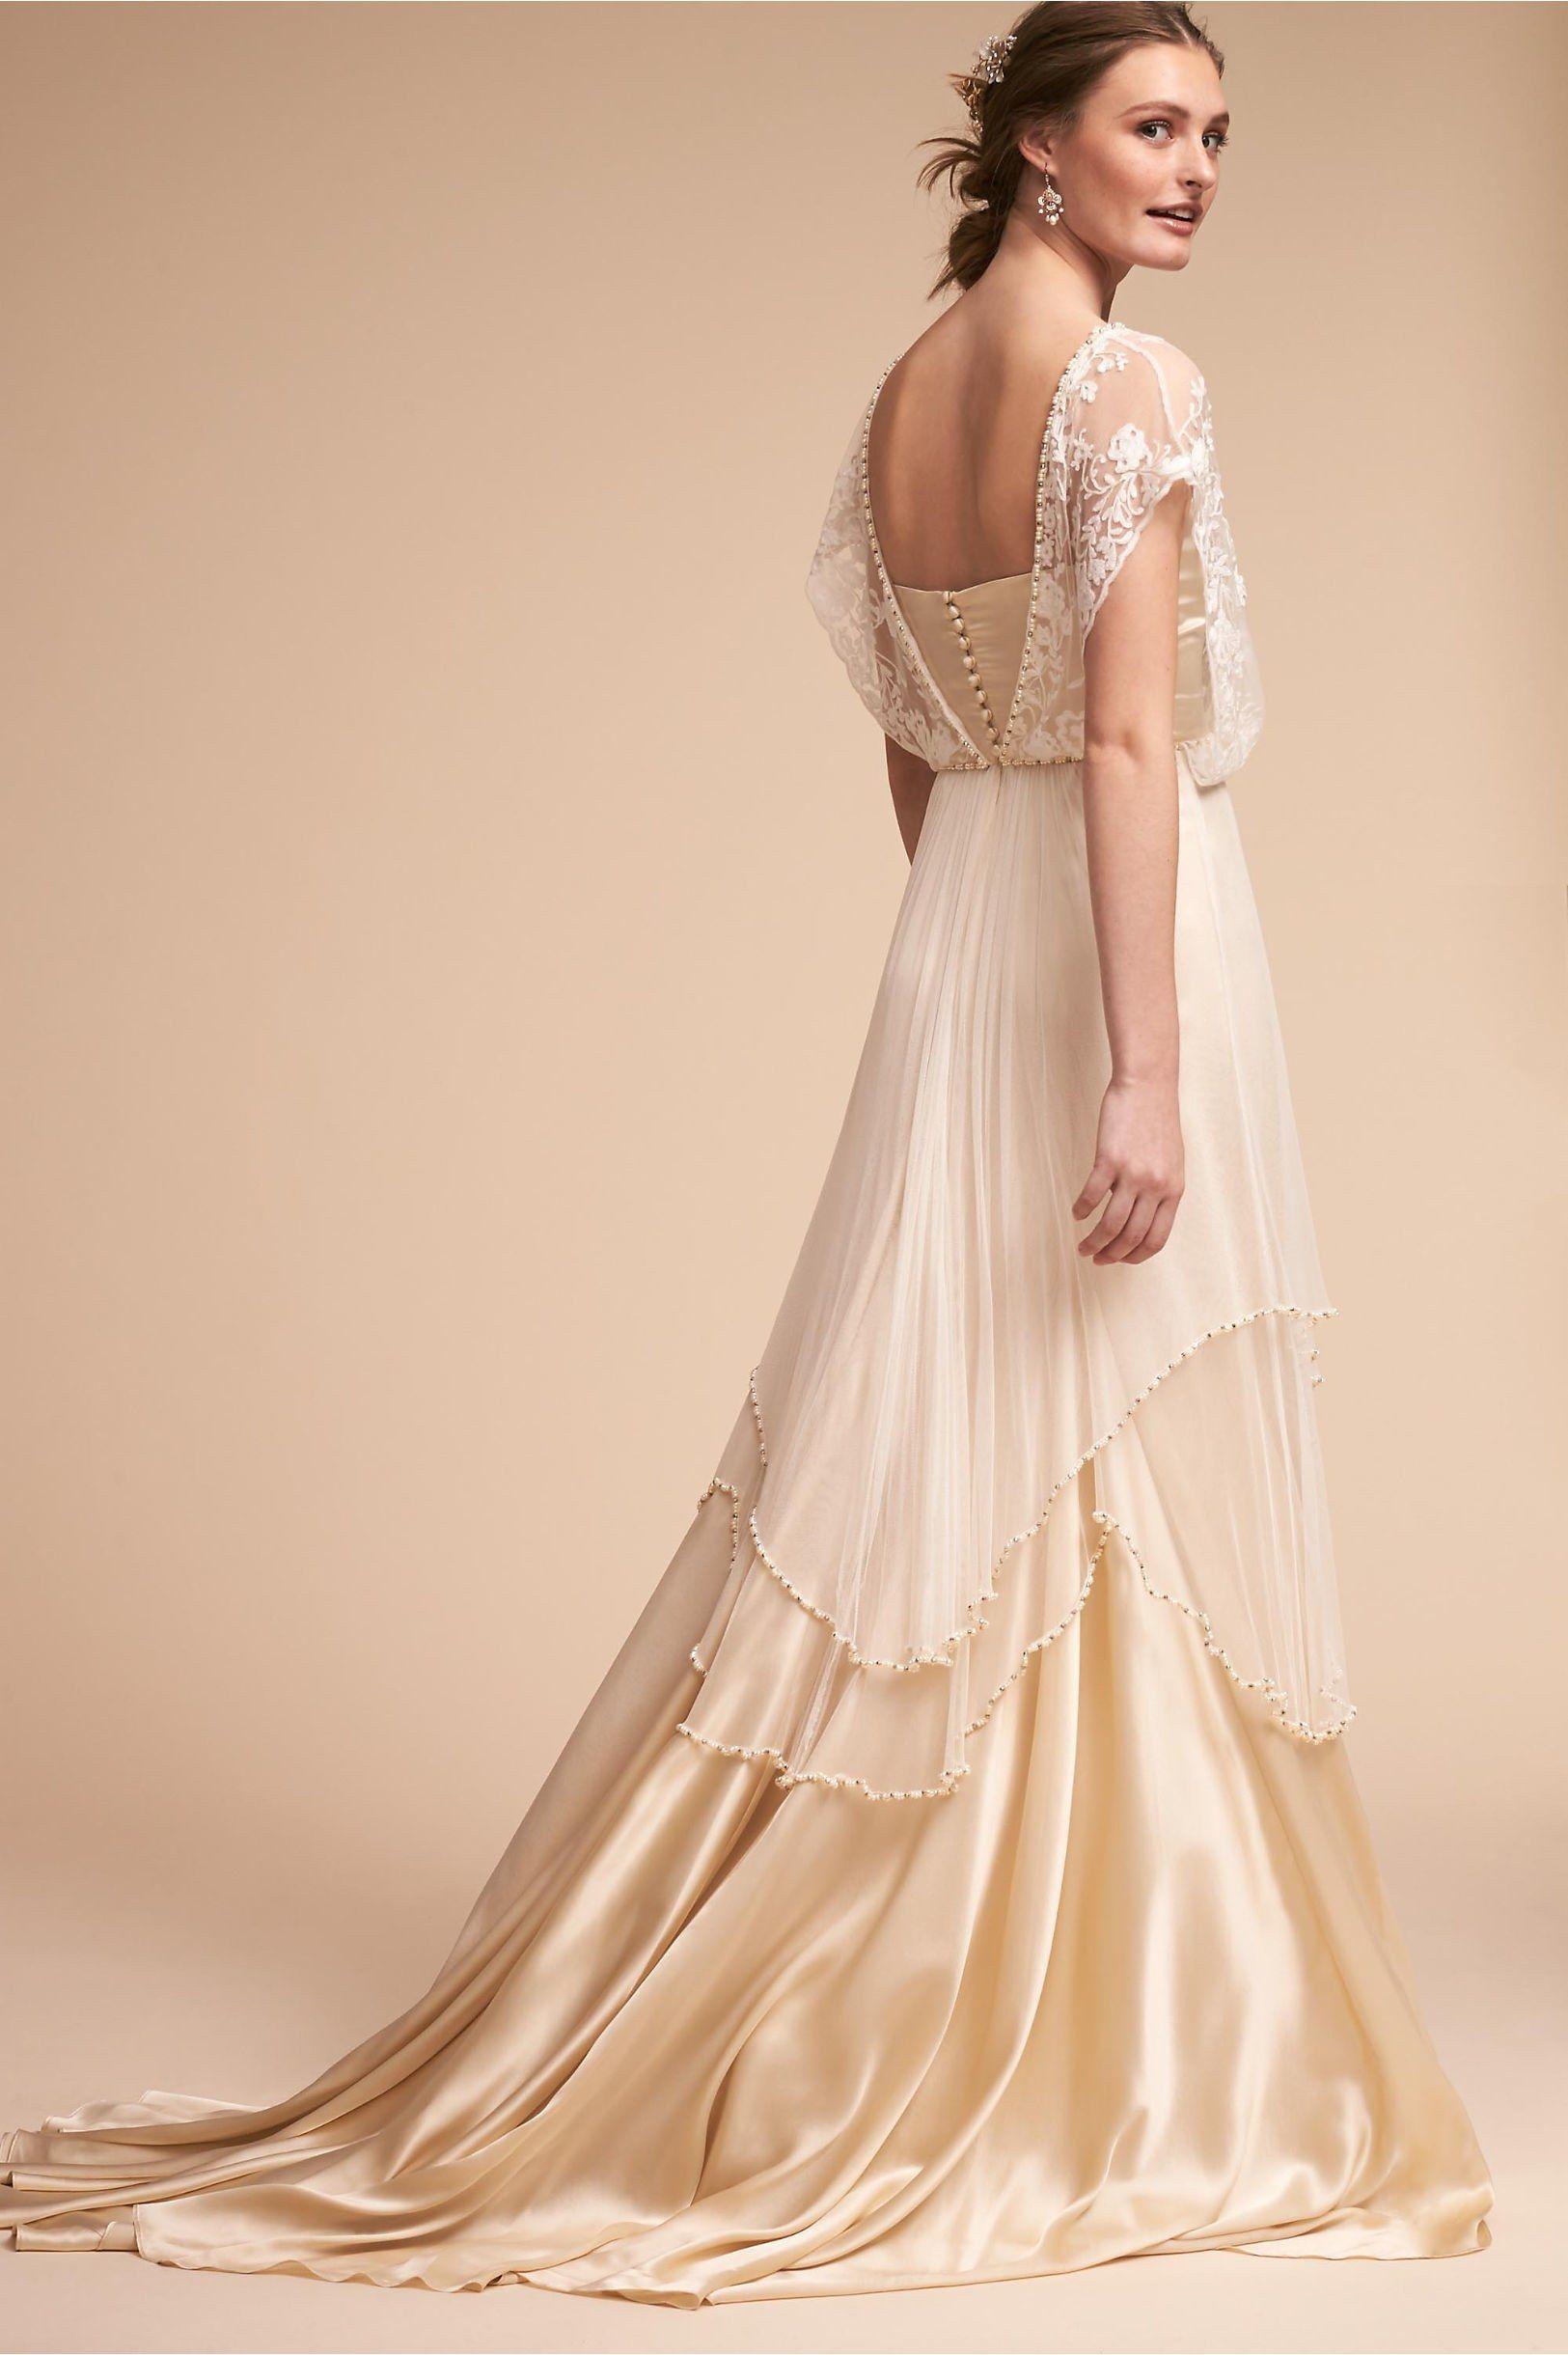 39 vintageinspired wedding dresses steampunk wedding